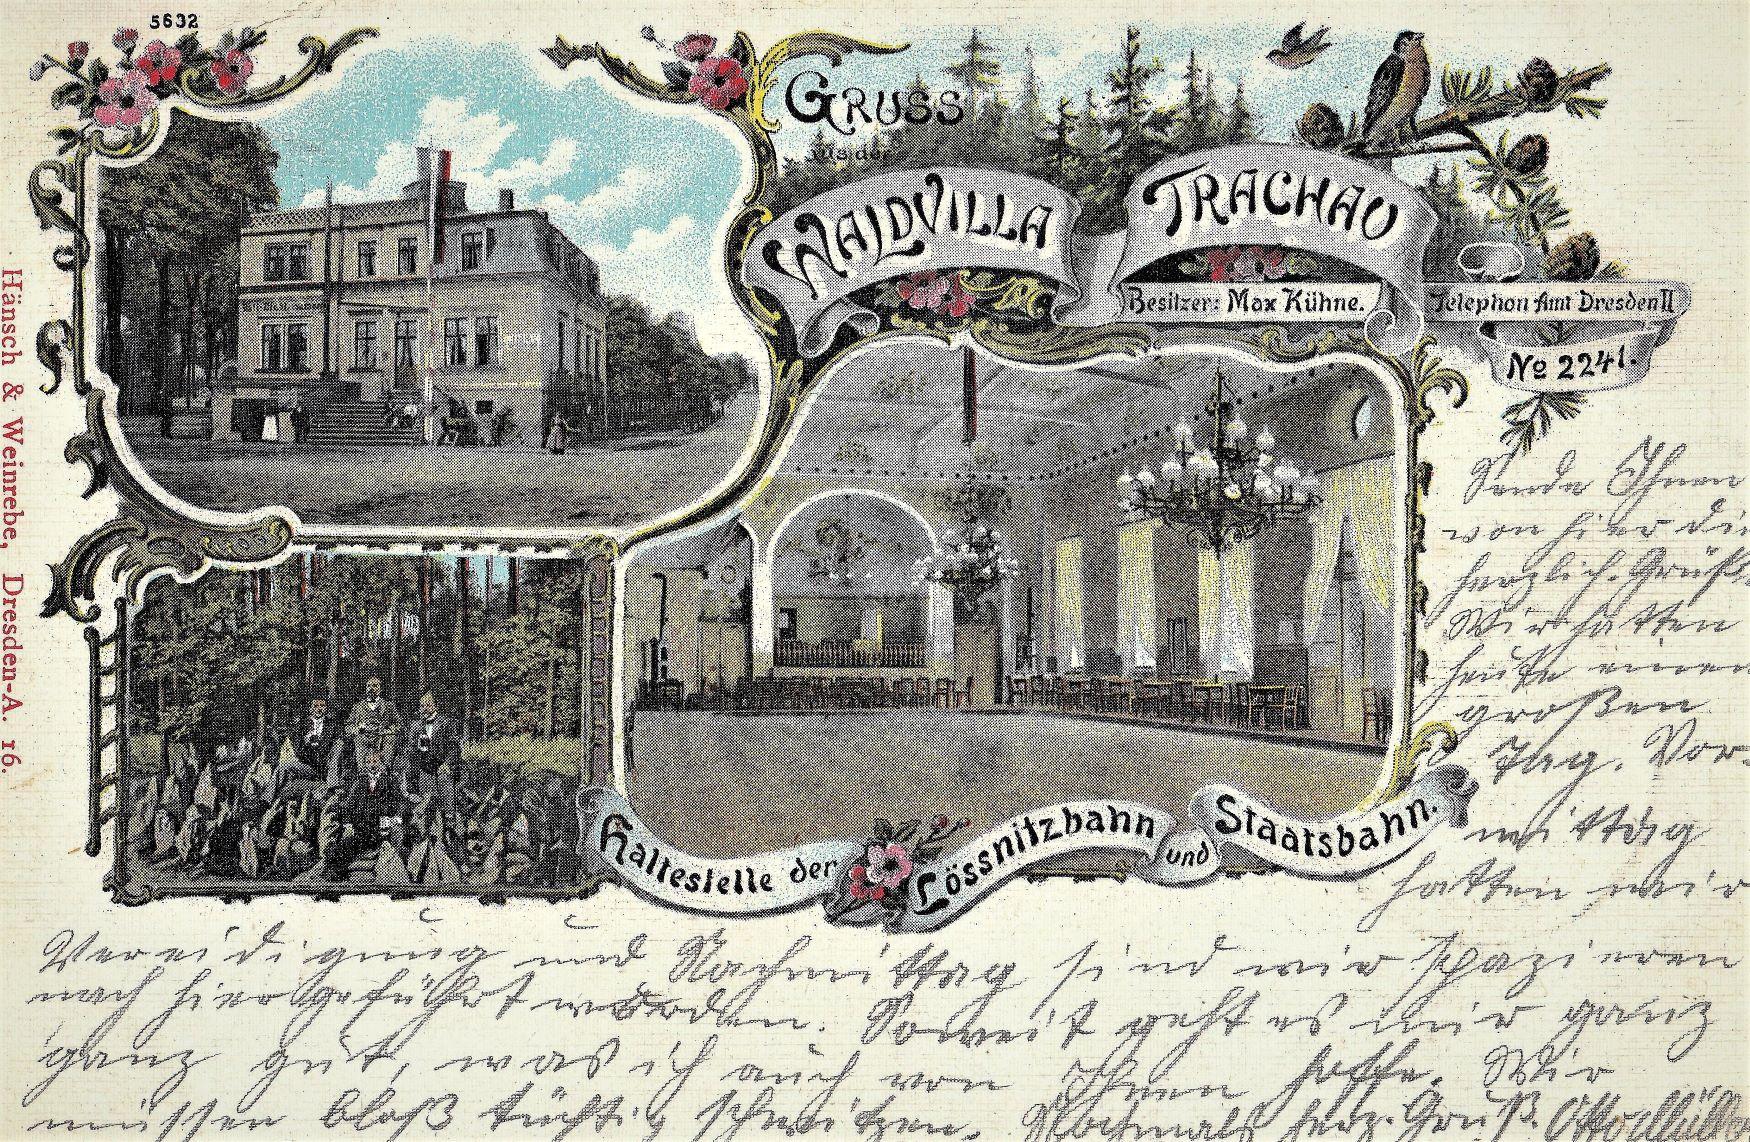 Waldvilla Trachau